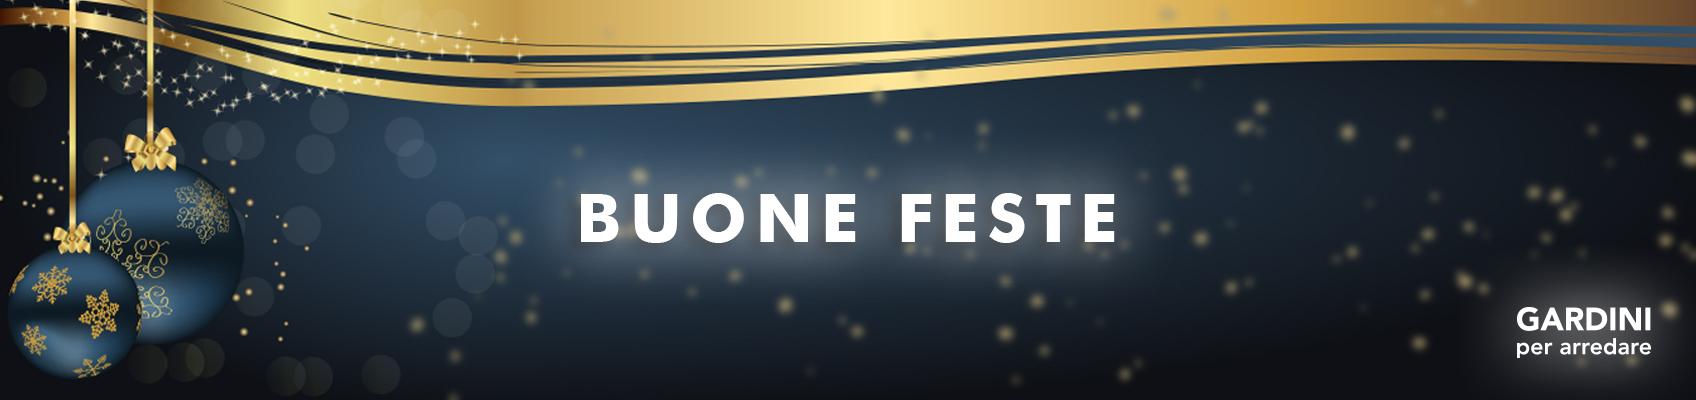 banner feste 2017